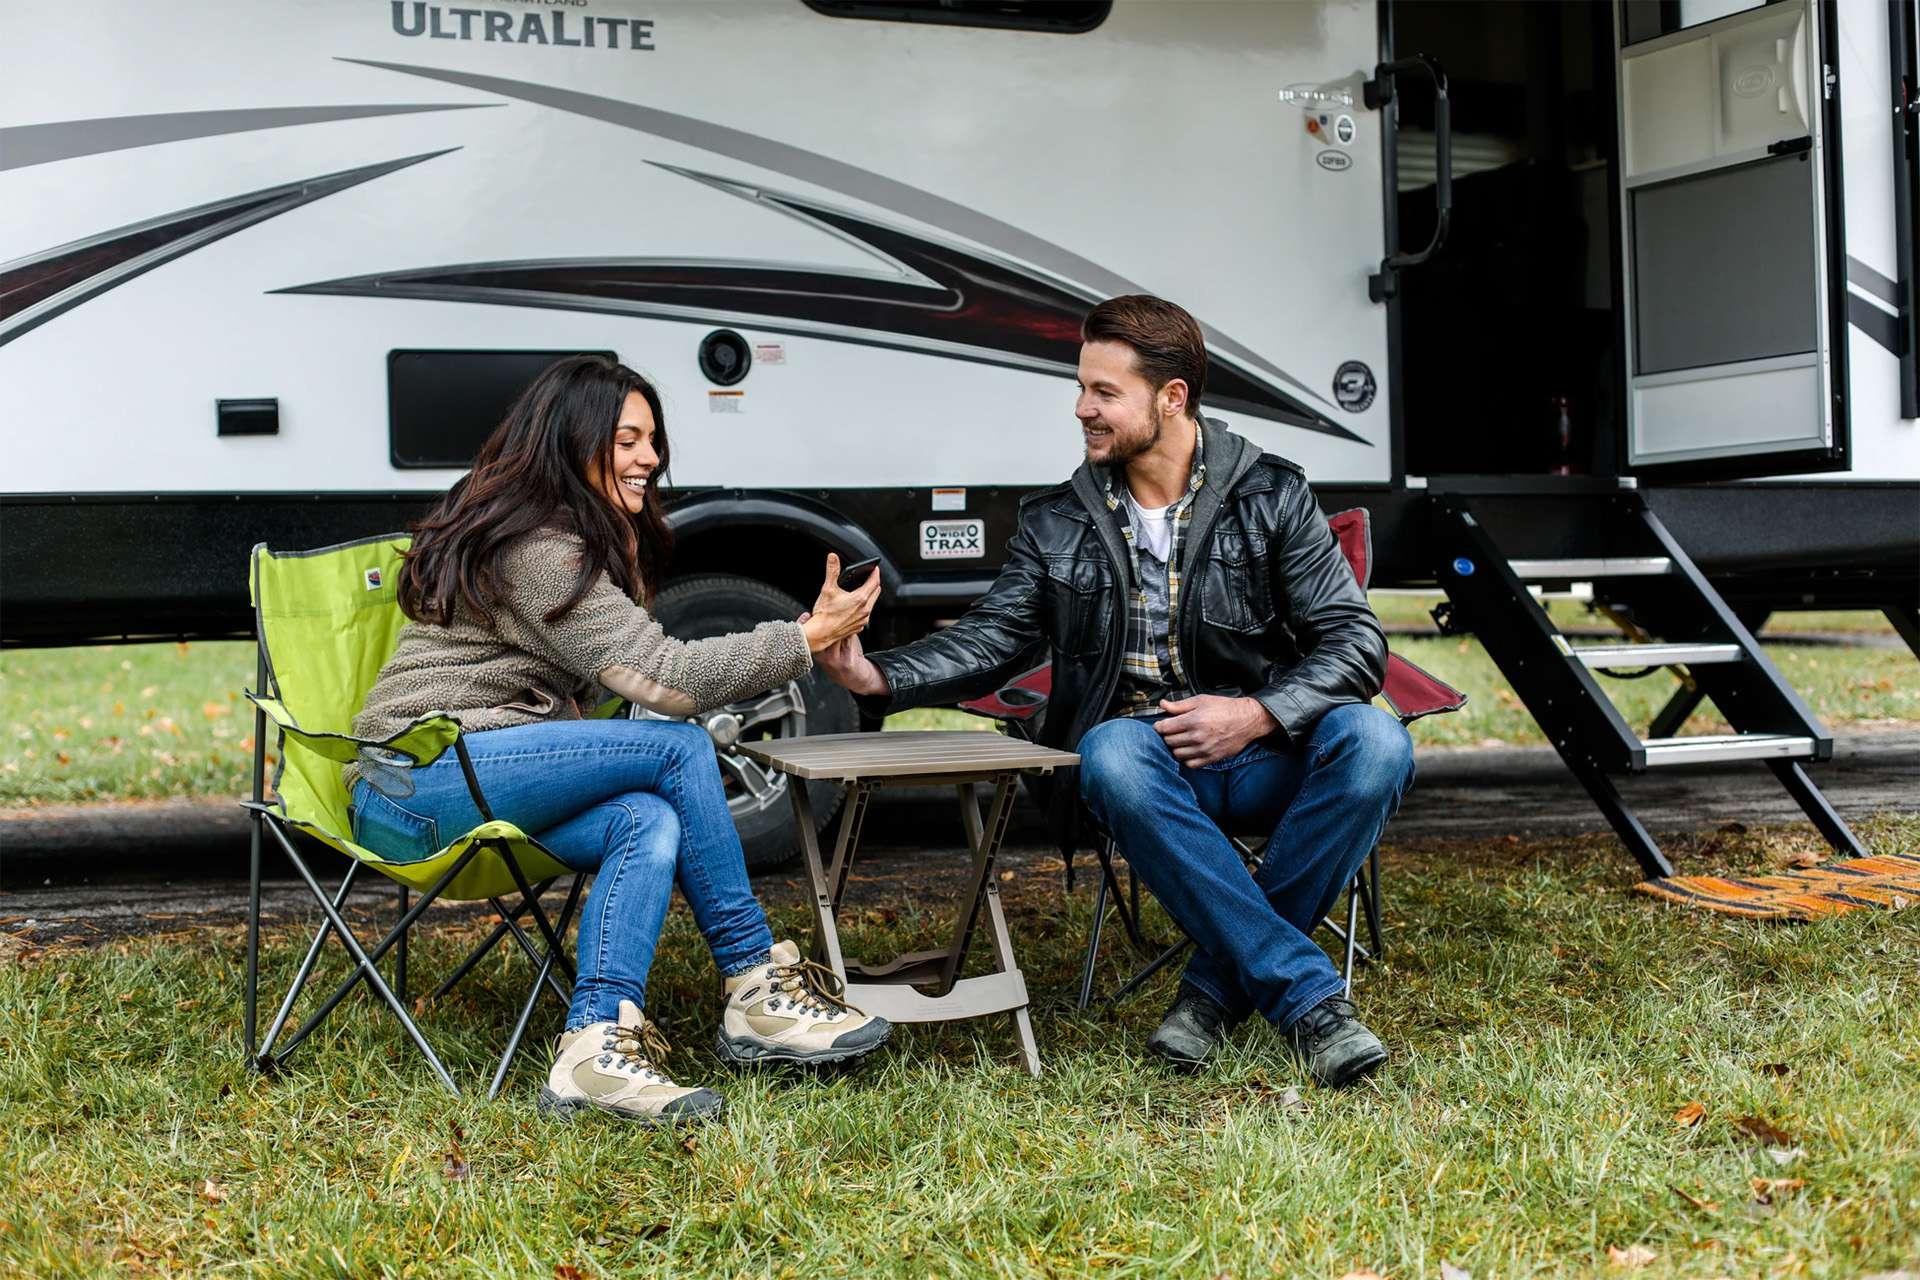 Ein Bild von zwei Personen vor einem Wohnwagen mit einem Handy.